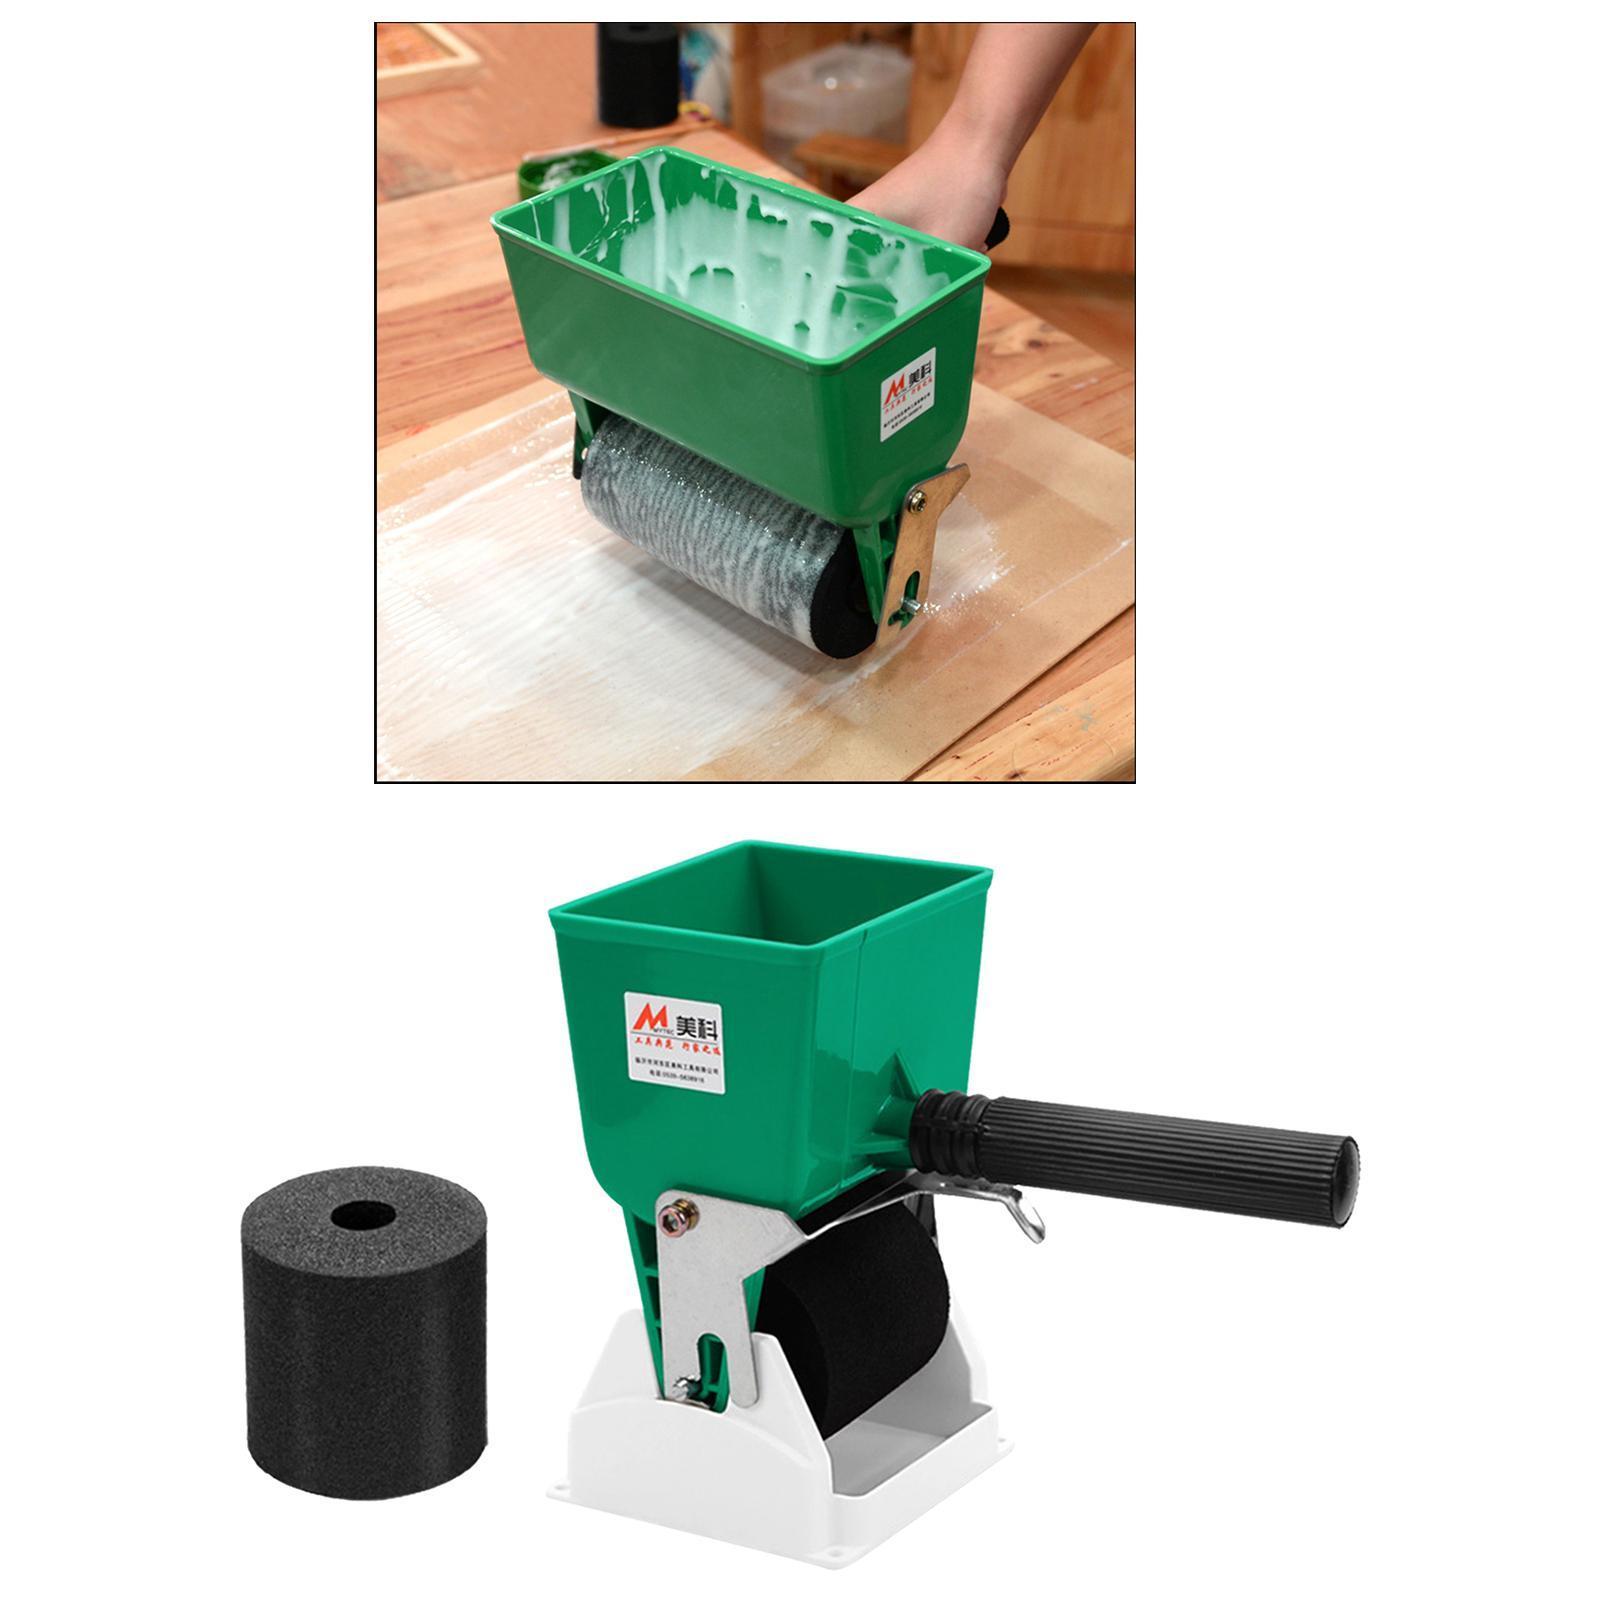 miniatura 16 - 180mL/320mL Portatile Colla Applicatore Rullo Professionale Rivestito Colla